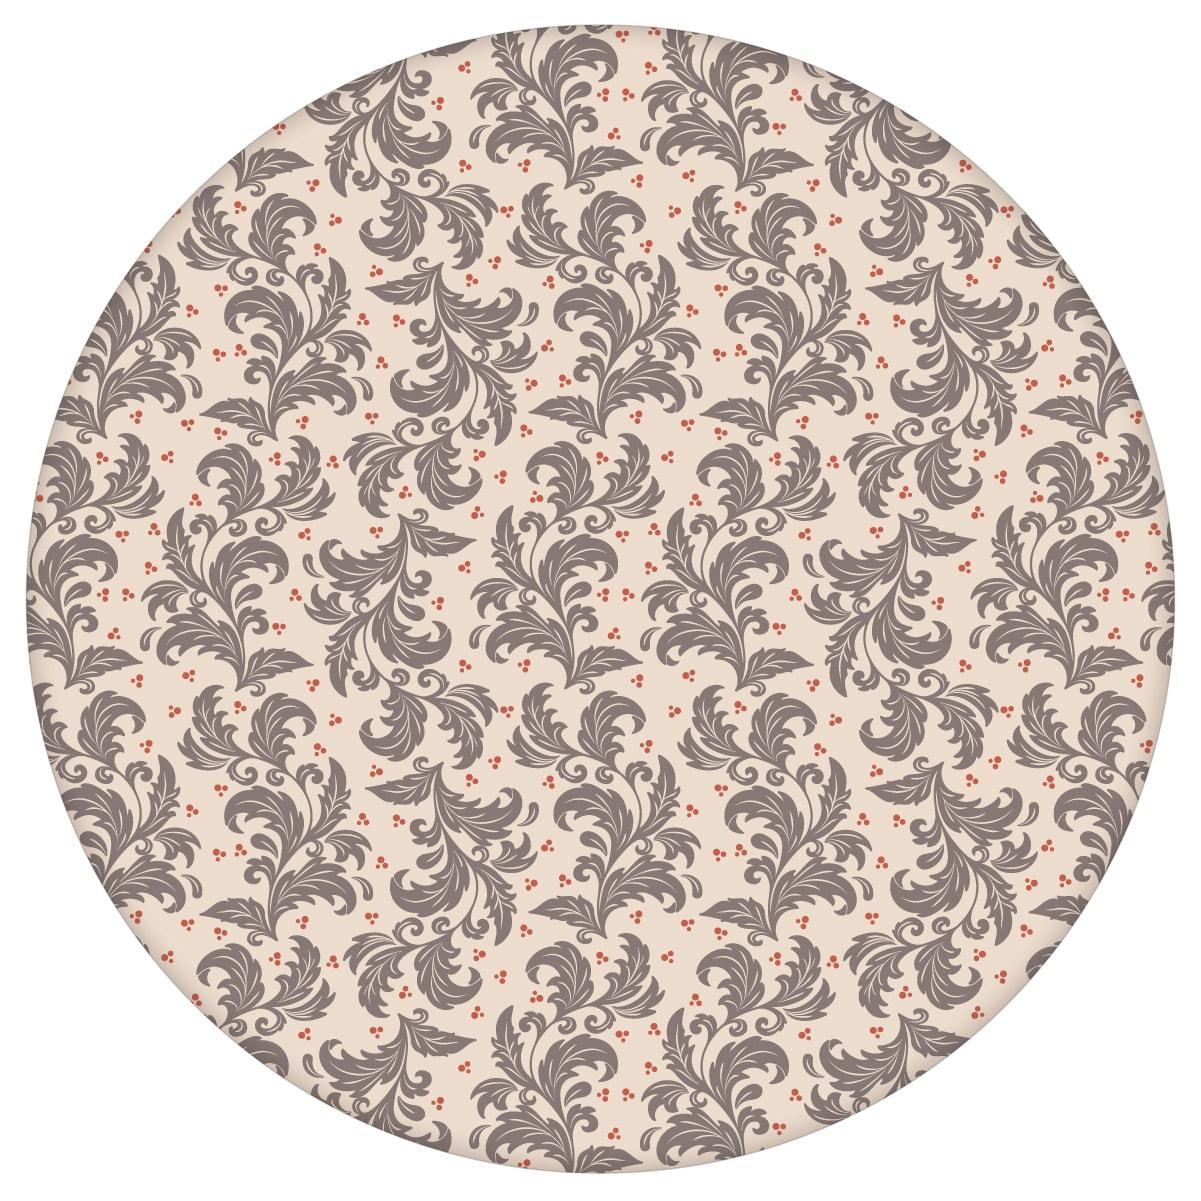 Nostalgie Ornamenttapete Ranken mit Blatt Muster in beige - Vlies Tapete Ornamente für Schlafzimmeraus dem GMM-BERLIN.com Sortiment: beige Tapete zur Raumgestaltung: #Ambiente #beige – cremefarbene Tapeten #interior #interiordesign #Jugendstil #Ranken #schlafzimmerBlätter #vintage für individuelles Interiordesign